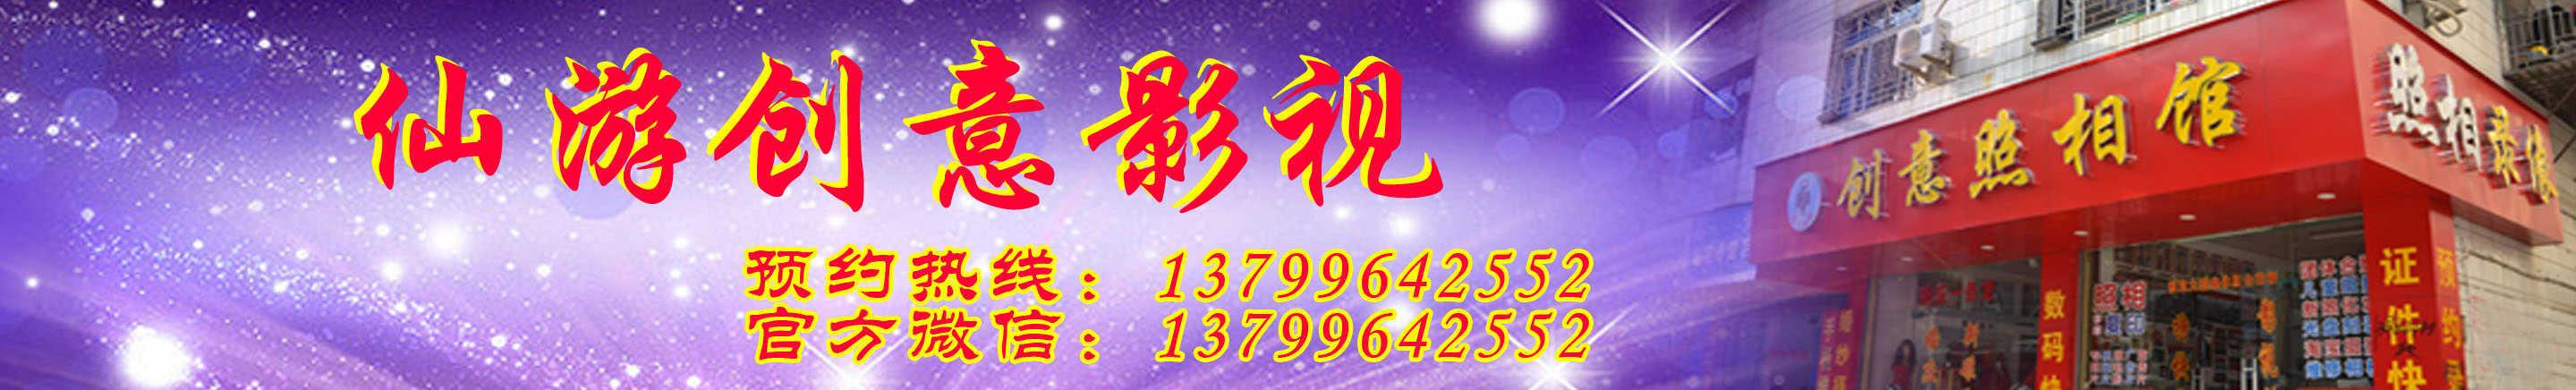 仙游创意影视 banner